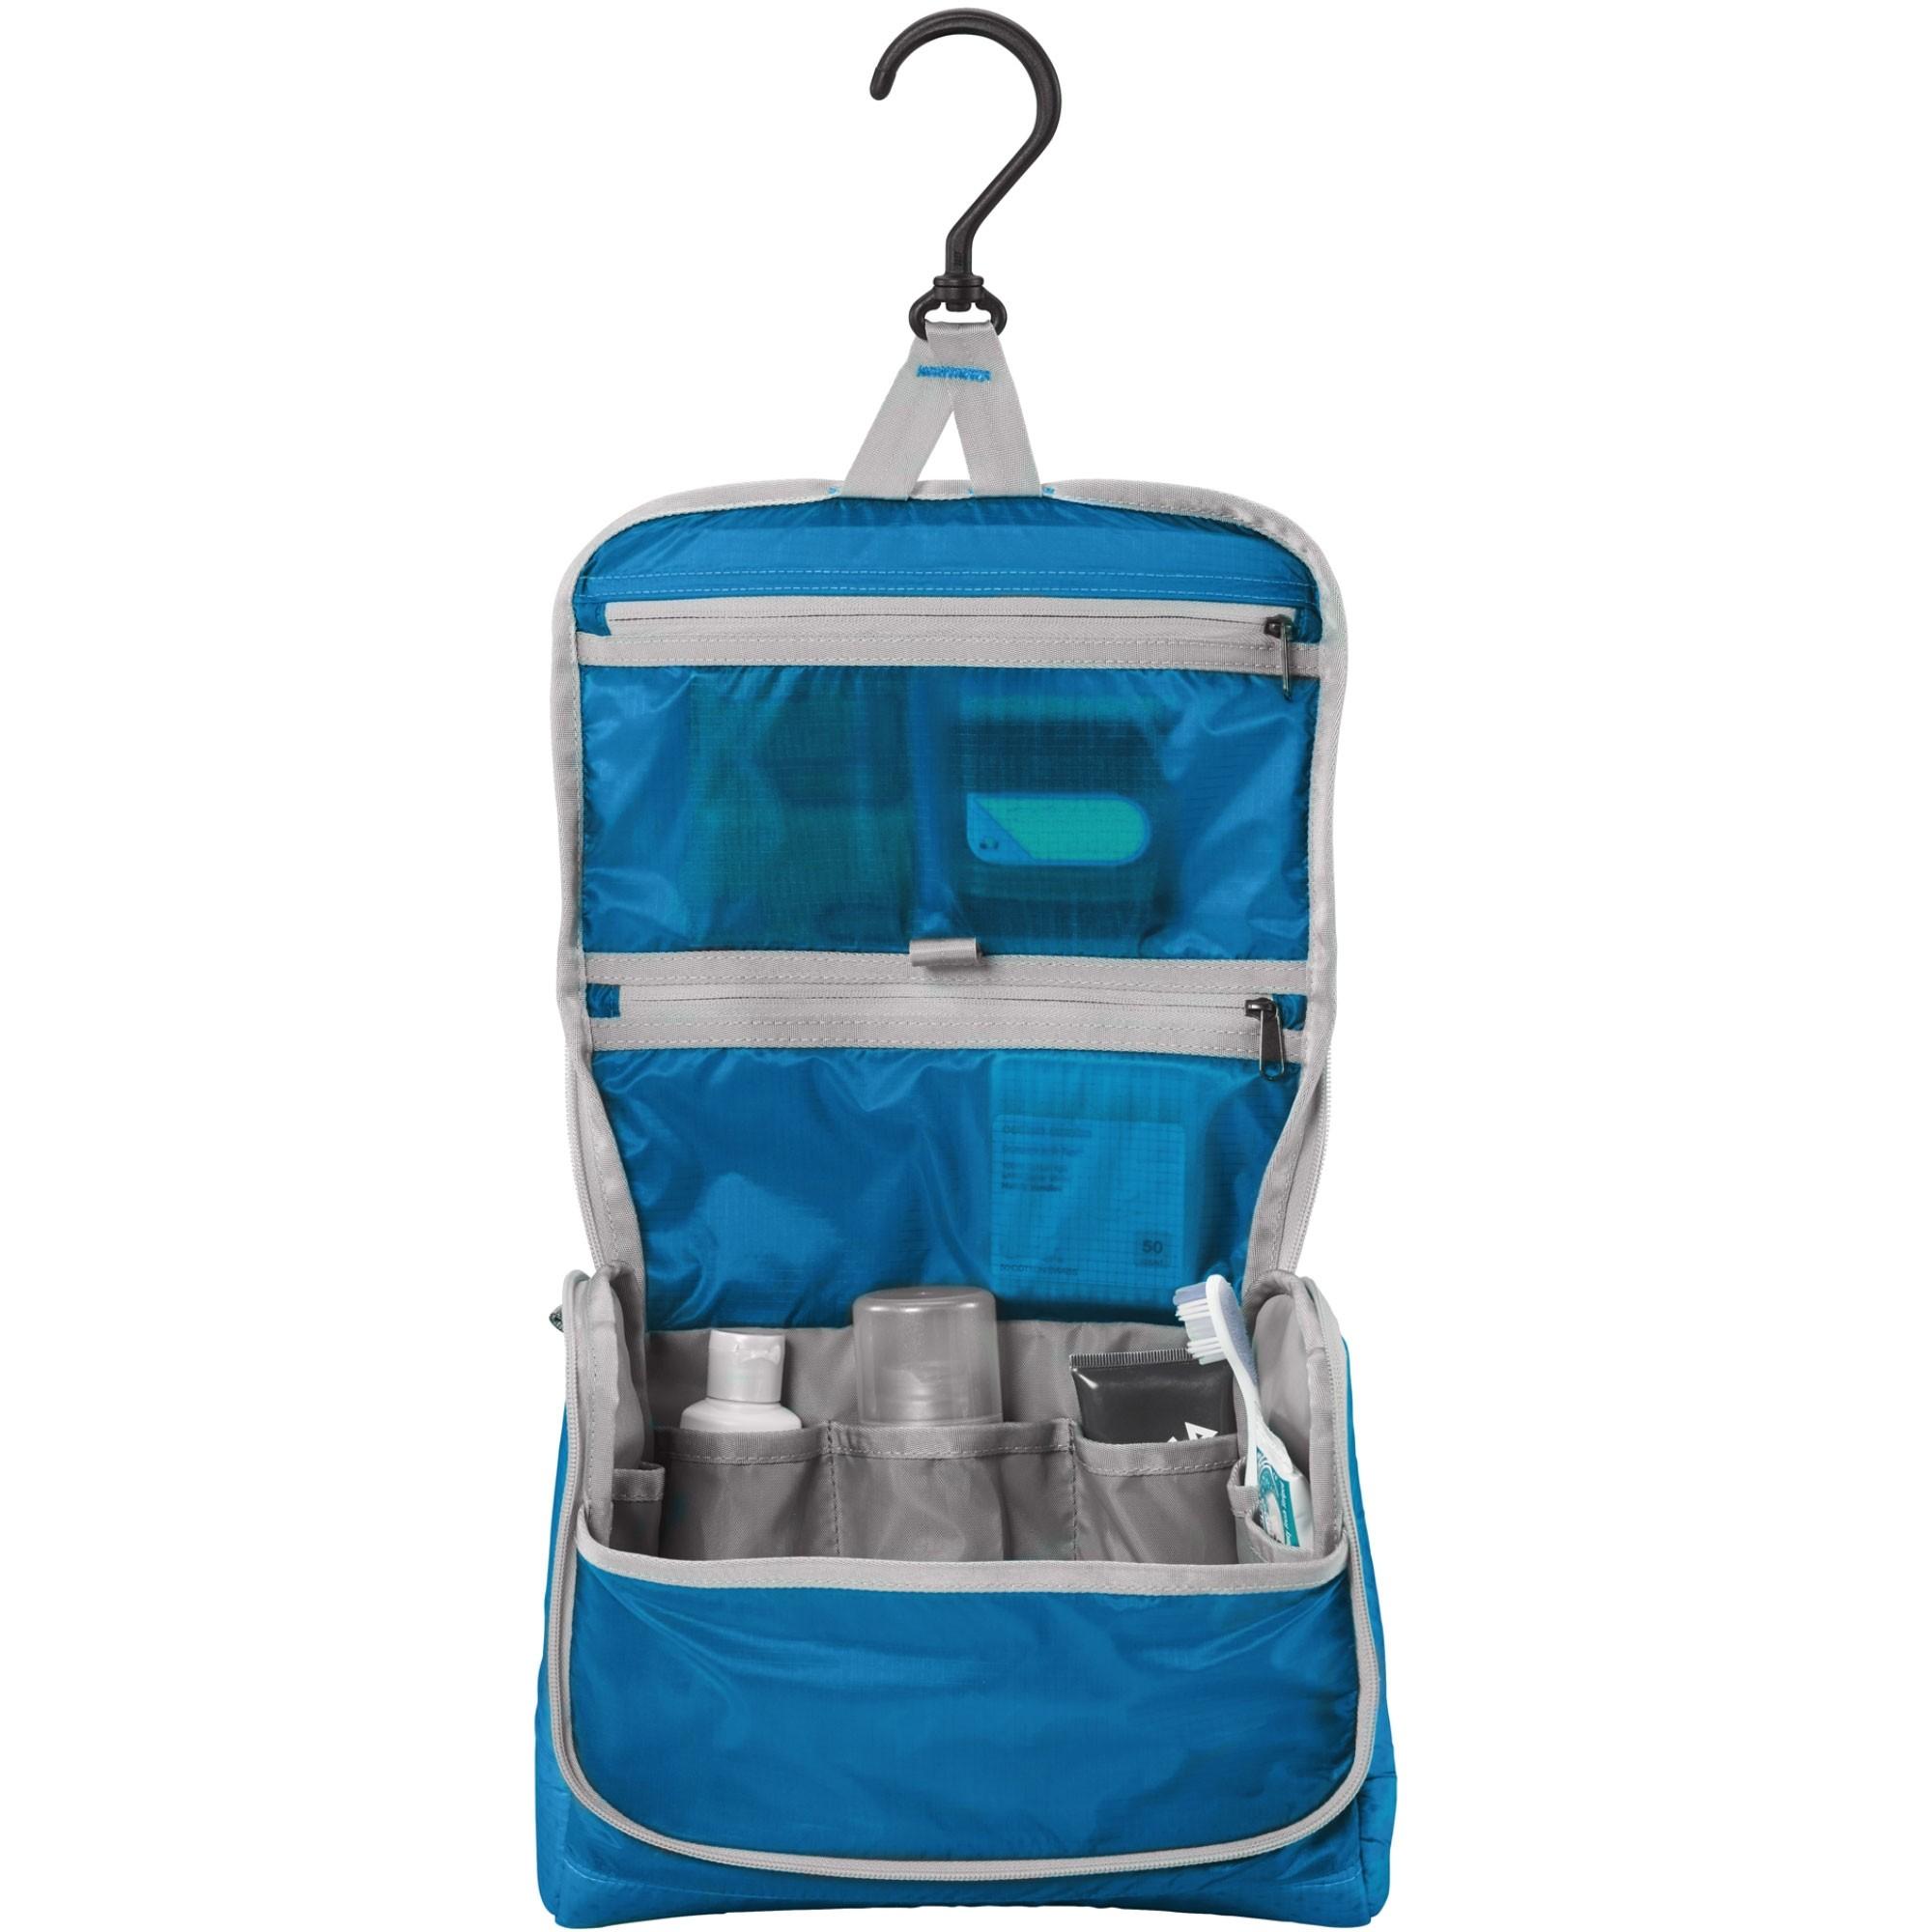 Eagle Creek Pack-It Specter On Board - Brilliant Blue - Open